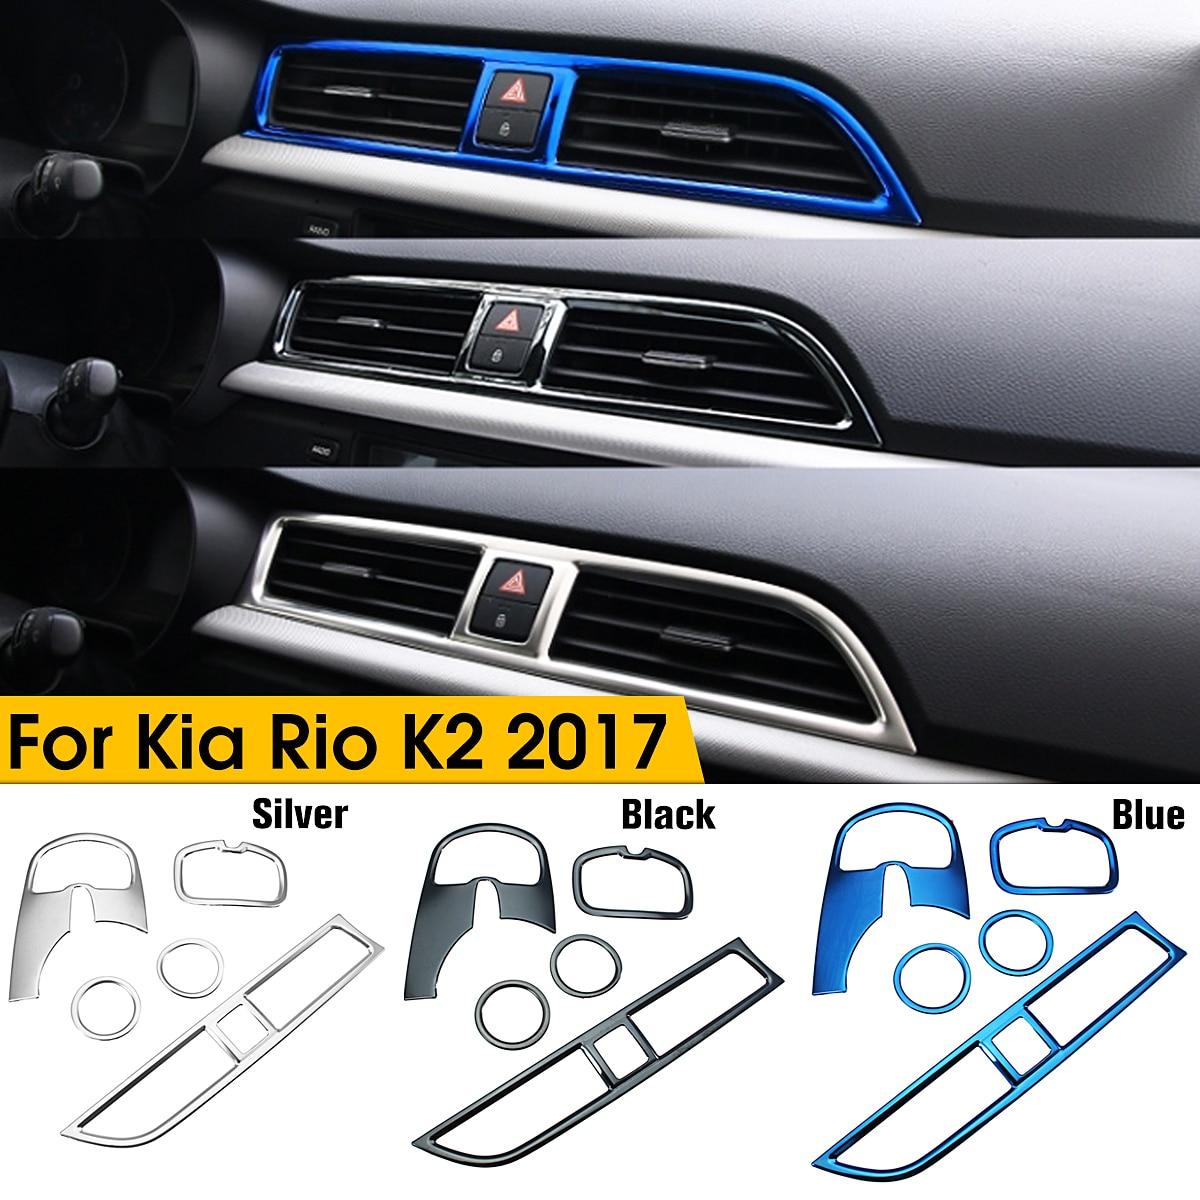 2018 Kia Rio Interior: 1 Set Car Stying Chrome For Kia Rio 4 K2 2017 2018 Air